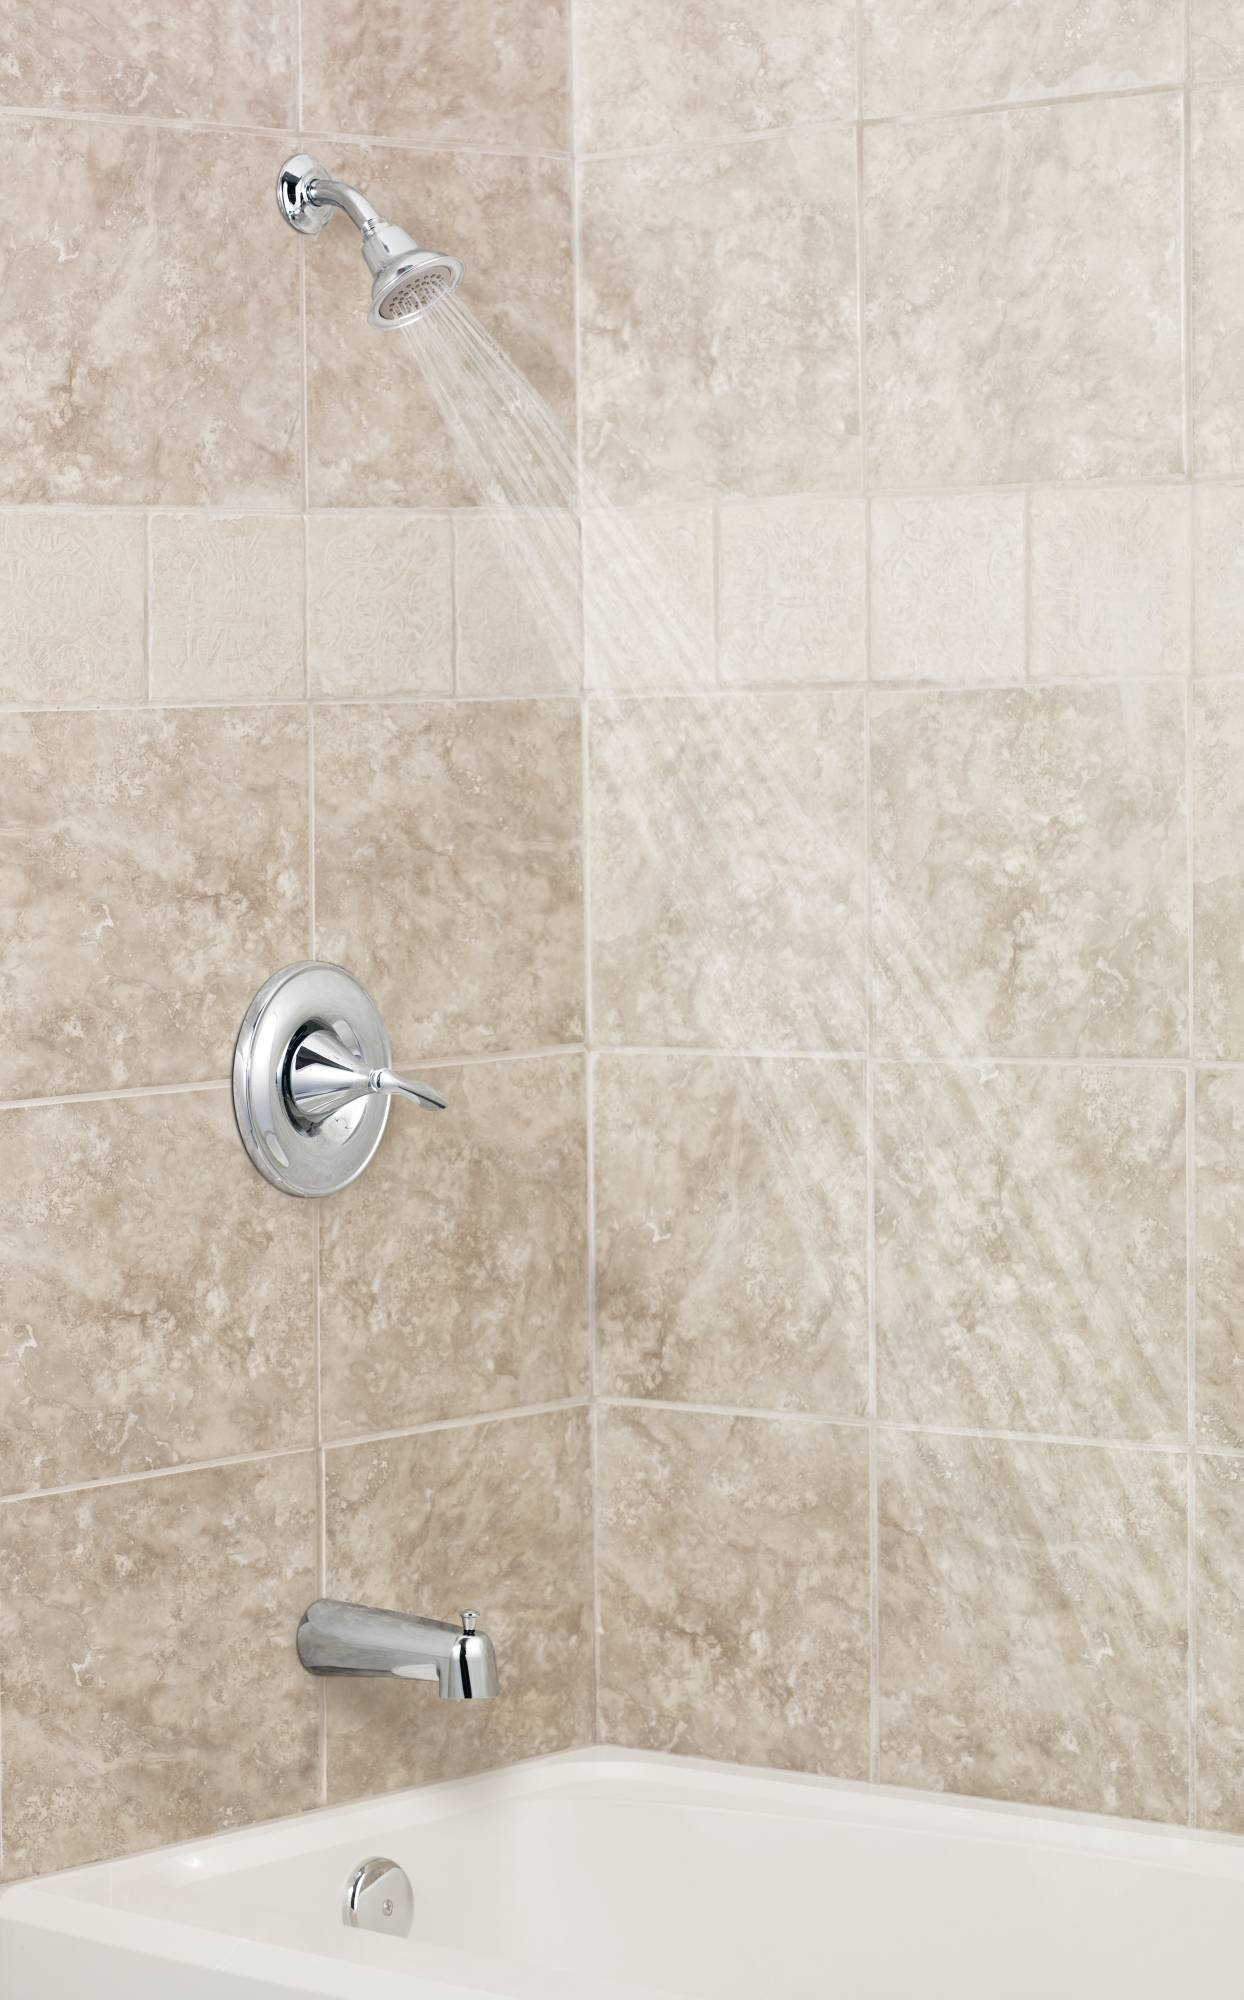 Moen T2131BN Eva PosiTemp Tub/Shower Valve Trim Kit without Valve, Brushed Nickel by Moen (Image #1)